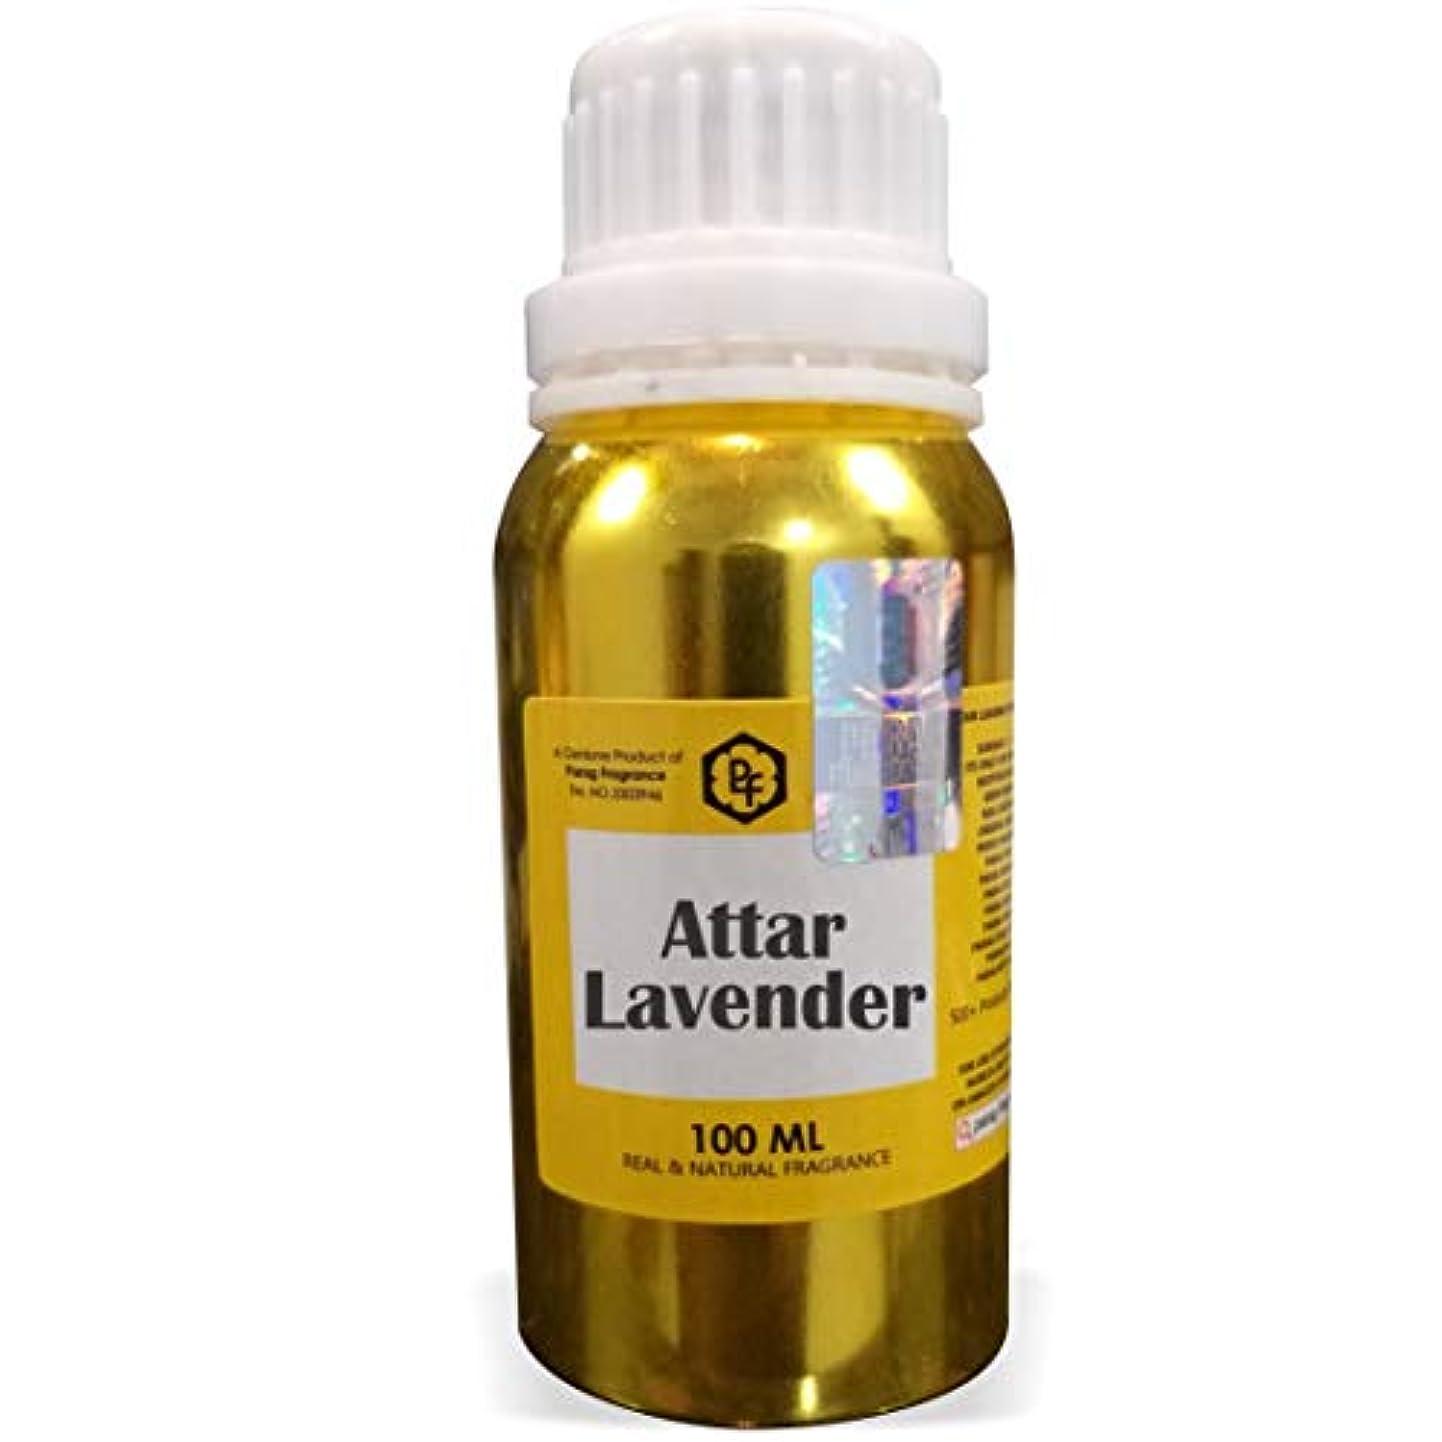 がんばり続ける発明するスペルParagフレグランスラベンダーアター100ミリリットル(男性用アルコールフリーアター)香油| 香り| ITRA